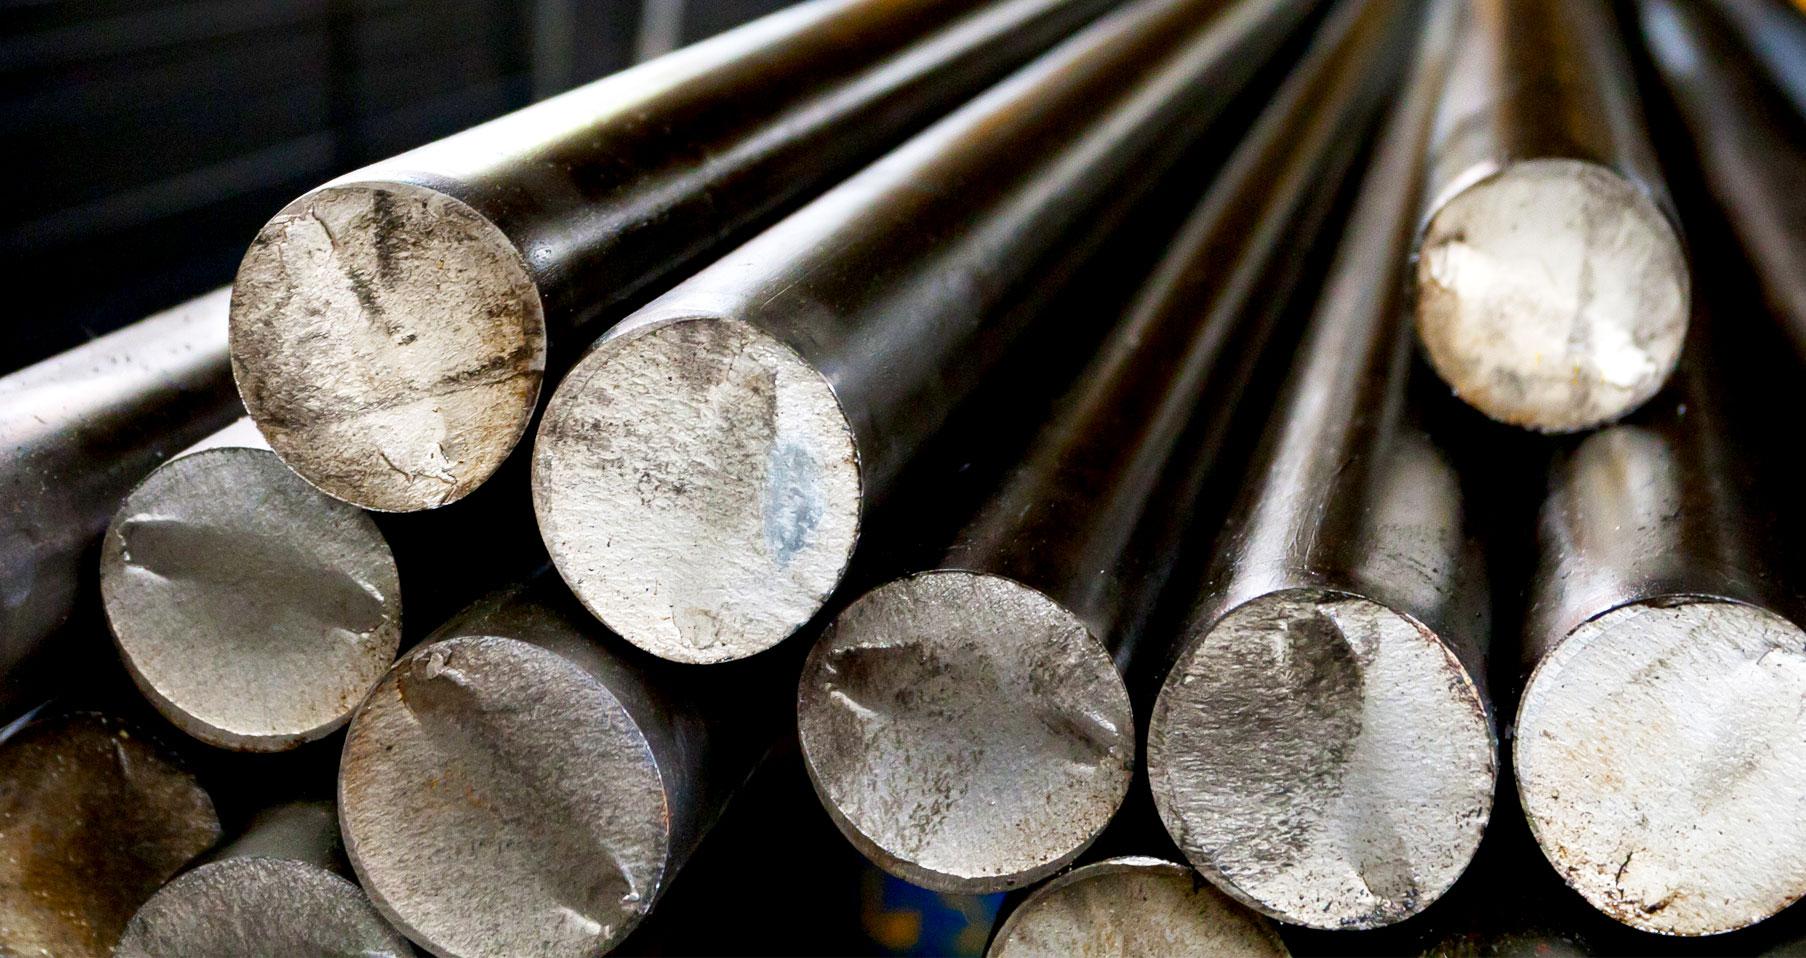 tubi tondi in magazzino presso Vicini Tubi spa Firenze prodotti siderurgici e tubi strutturali